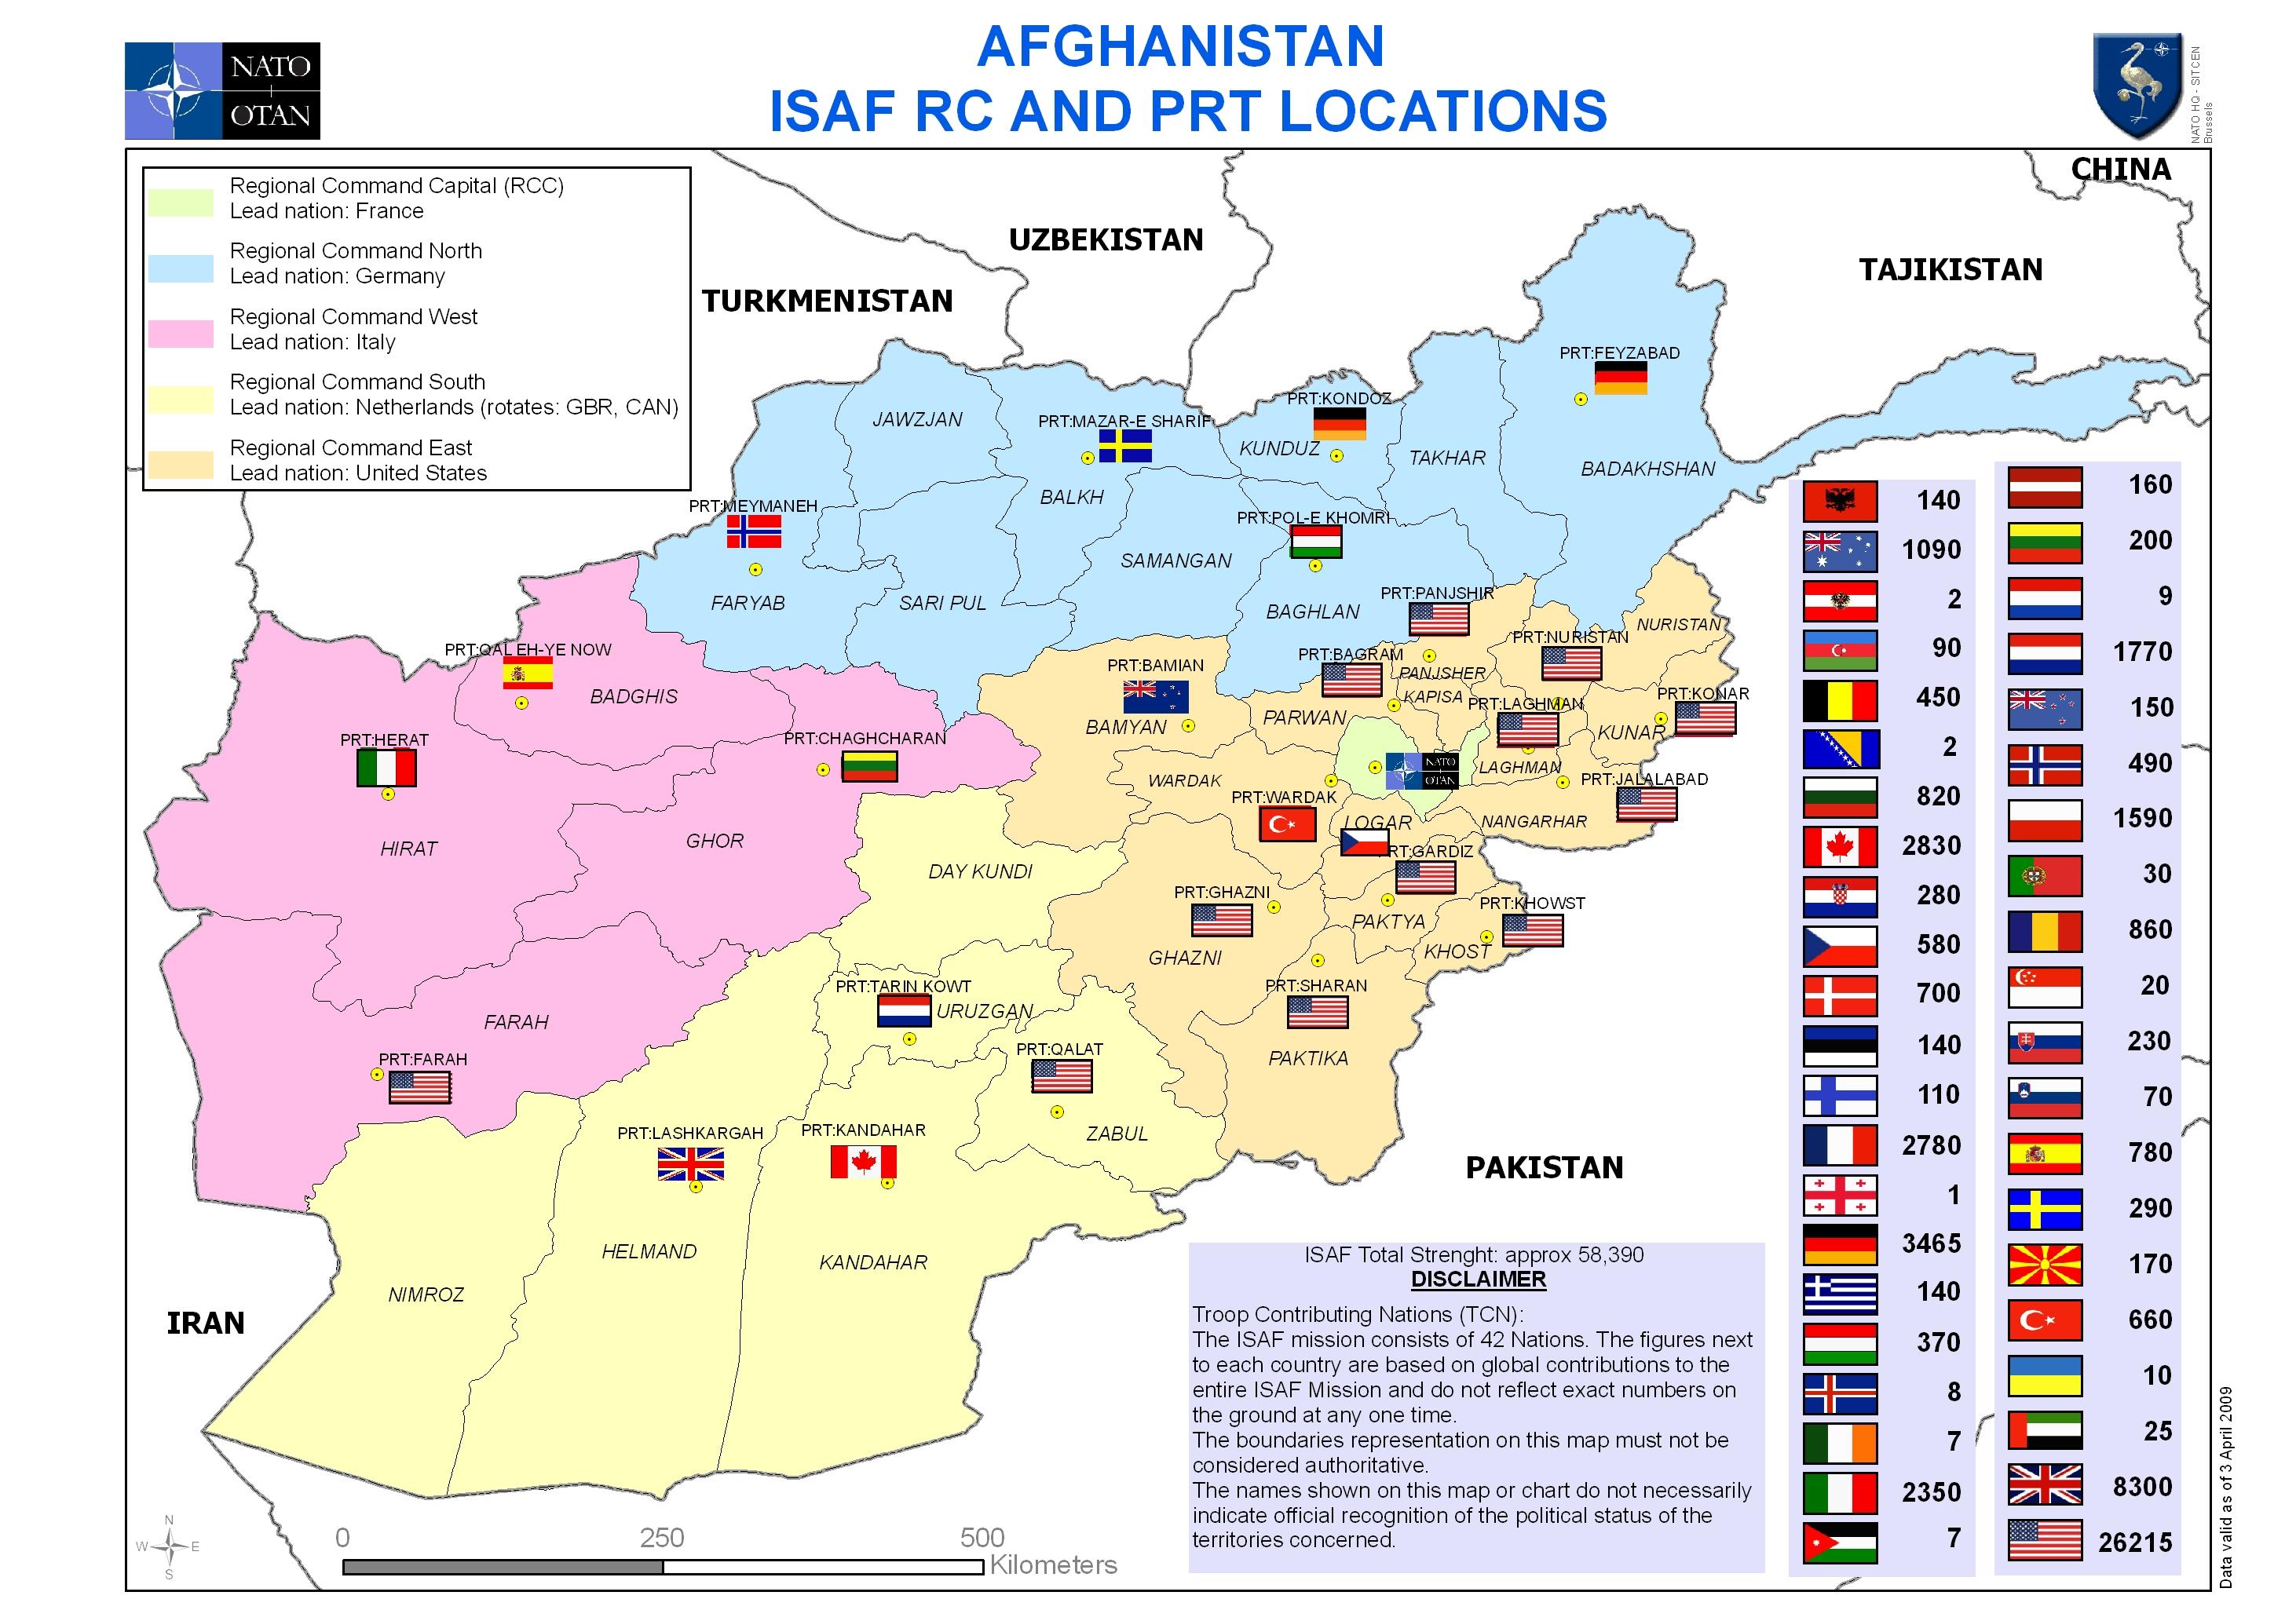 Mapa Distribuicao das Tropas Internacionais no Afeganistao